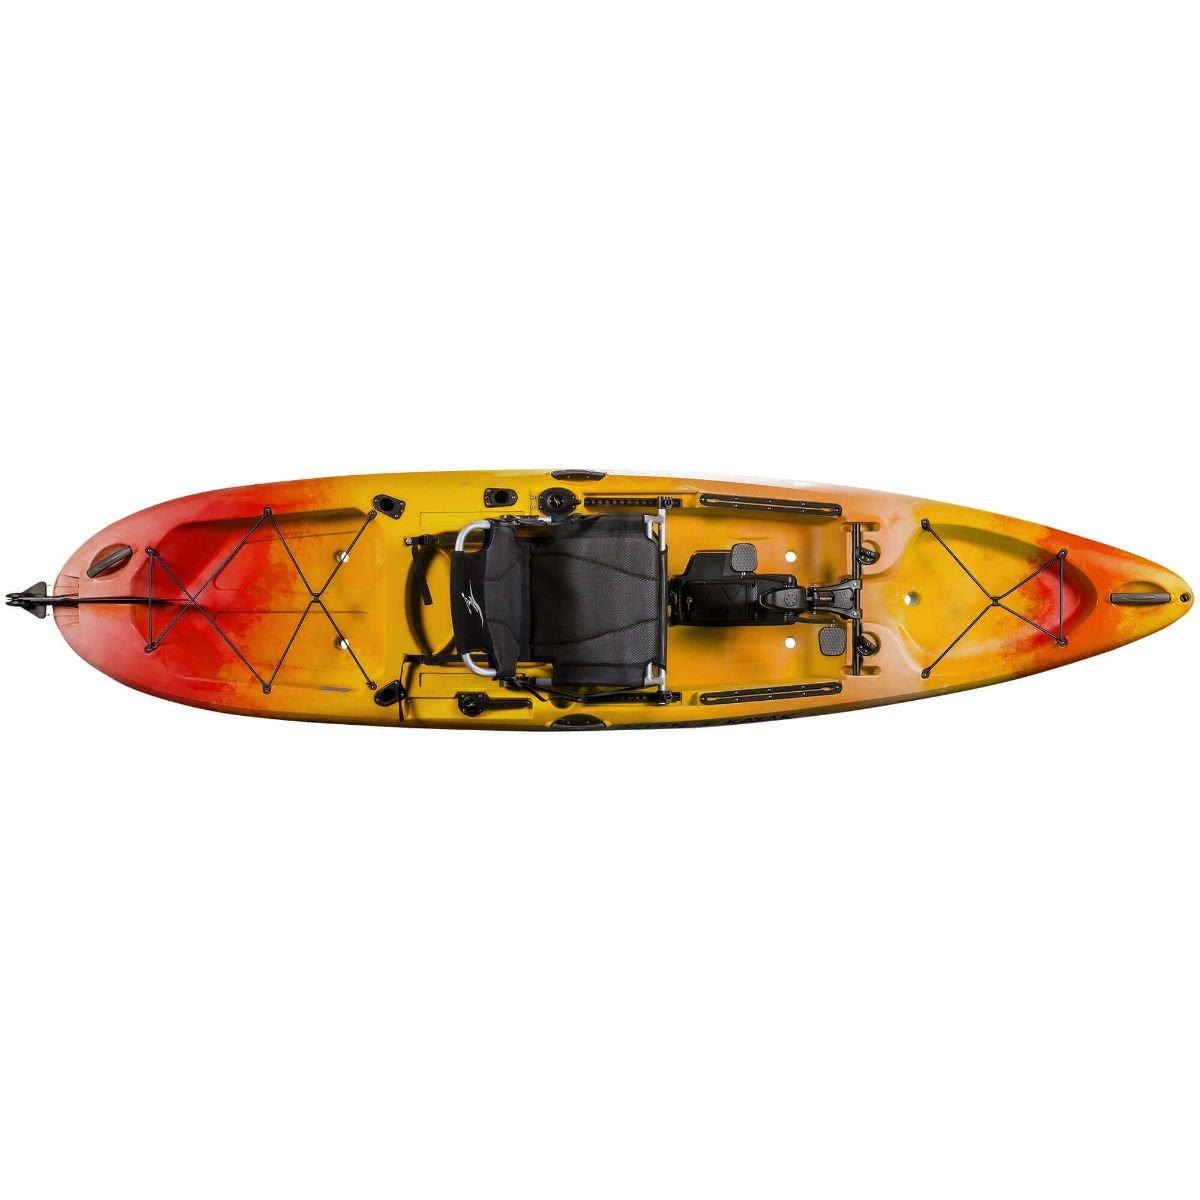 Ocean Kayak Malibu Pedal Kayak - Sunrise